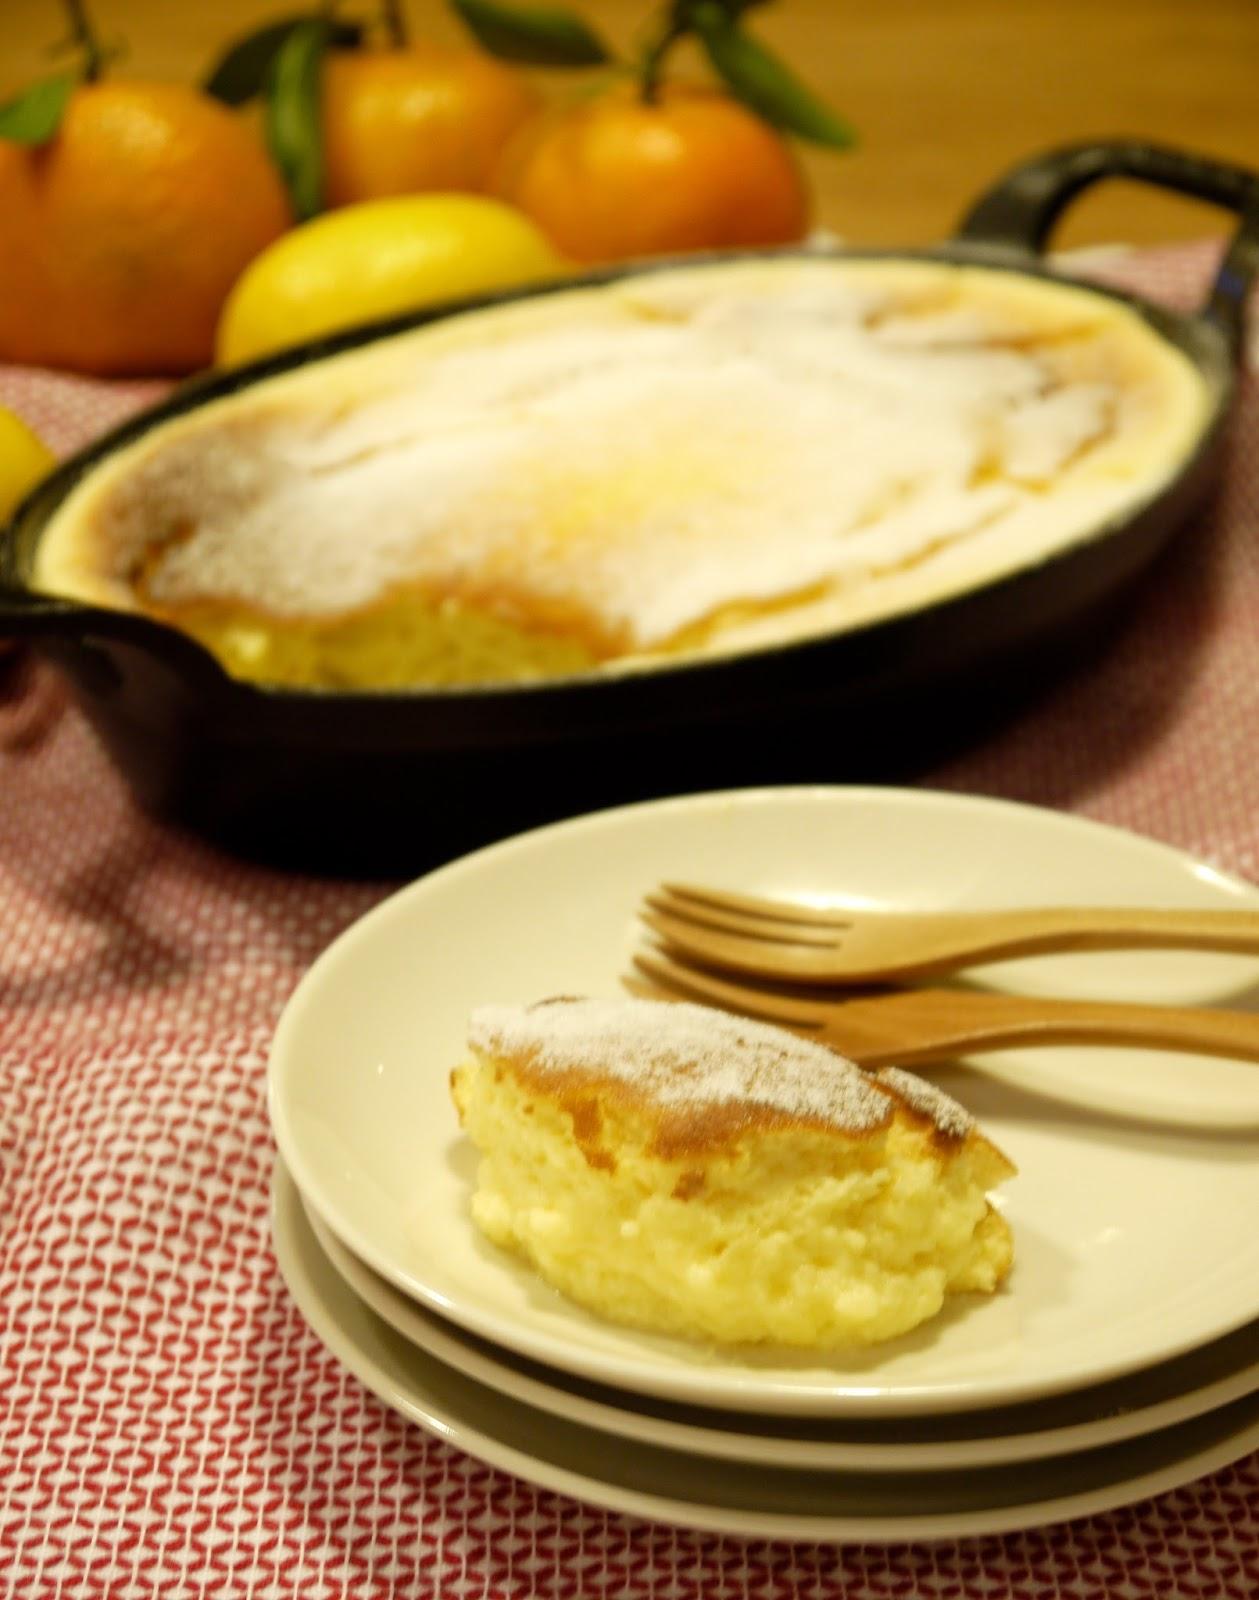 金黃軟嫩的檸檬布丁蛋糕